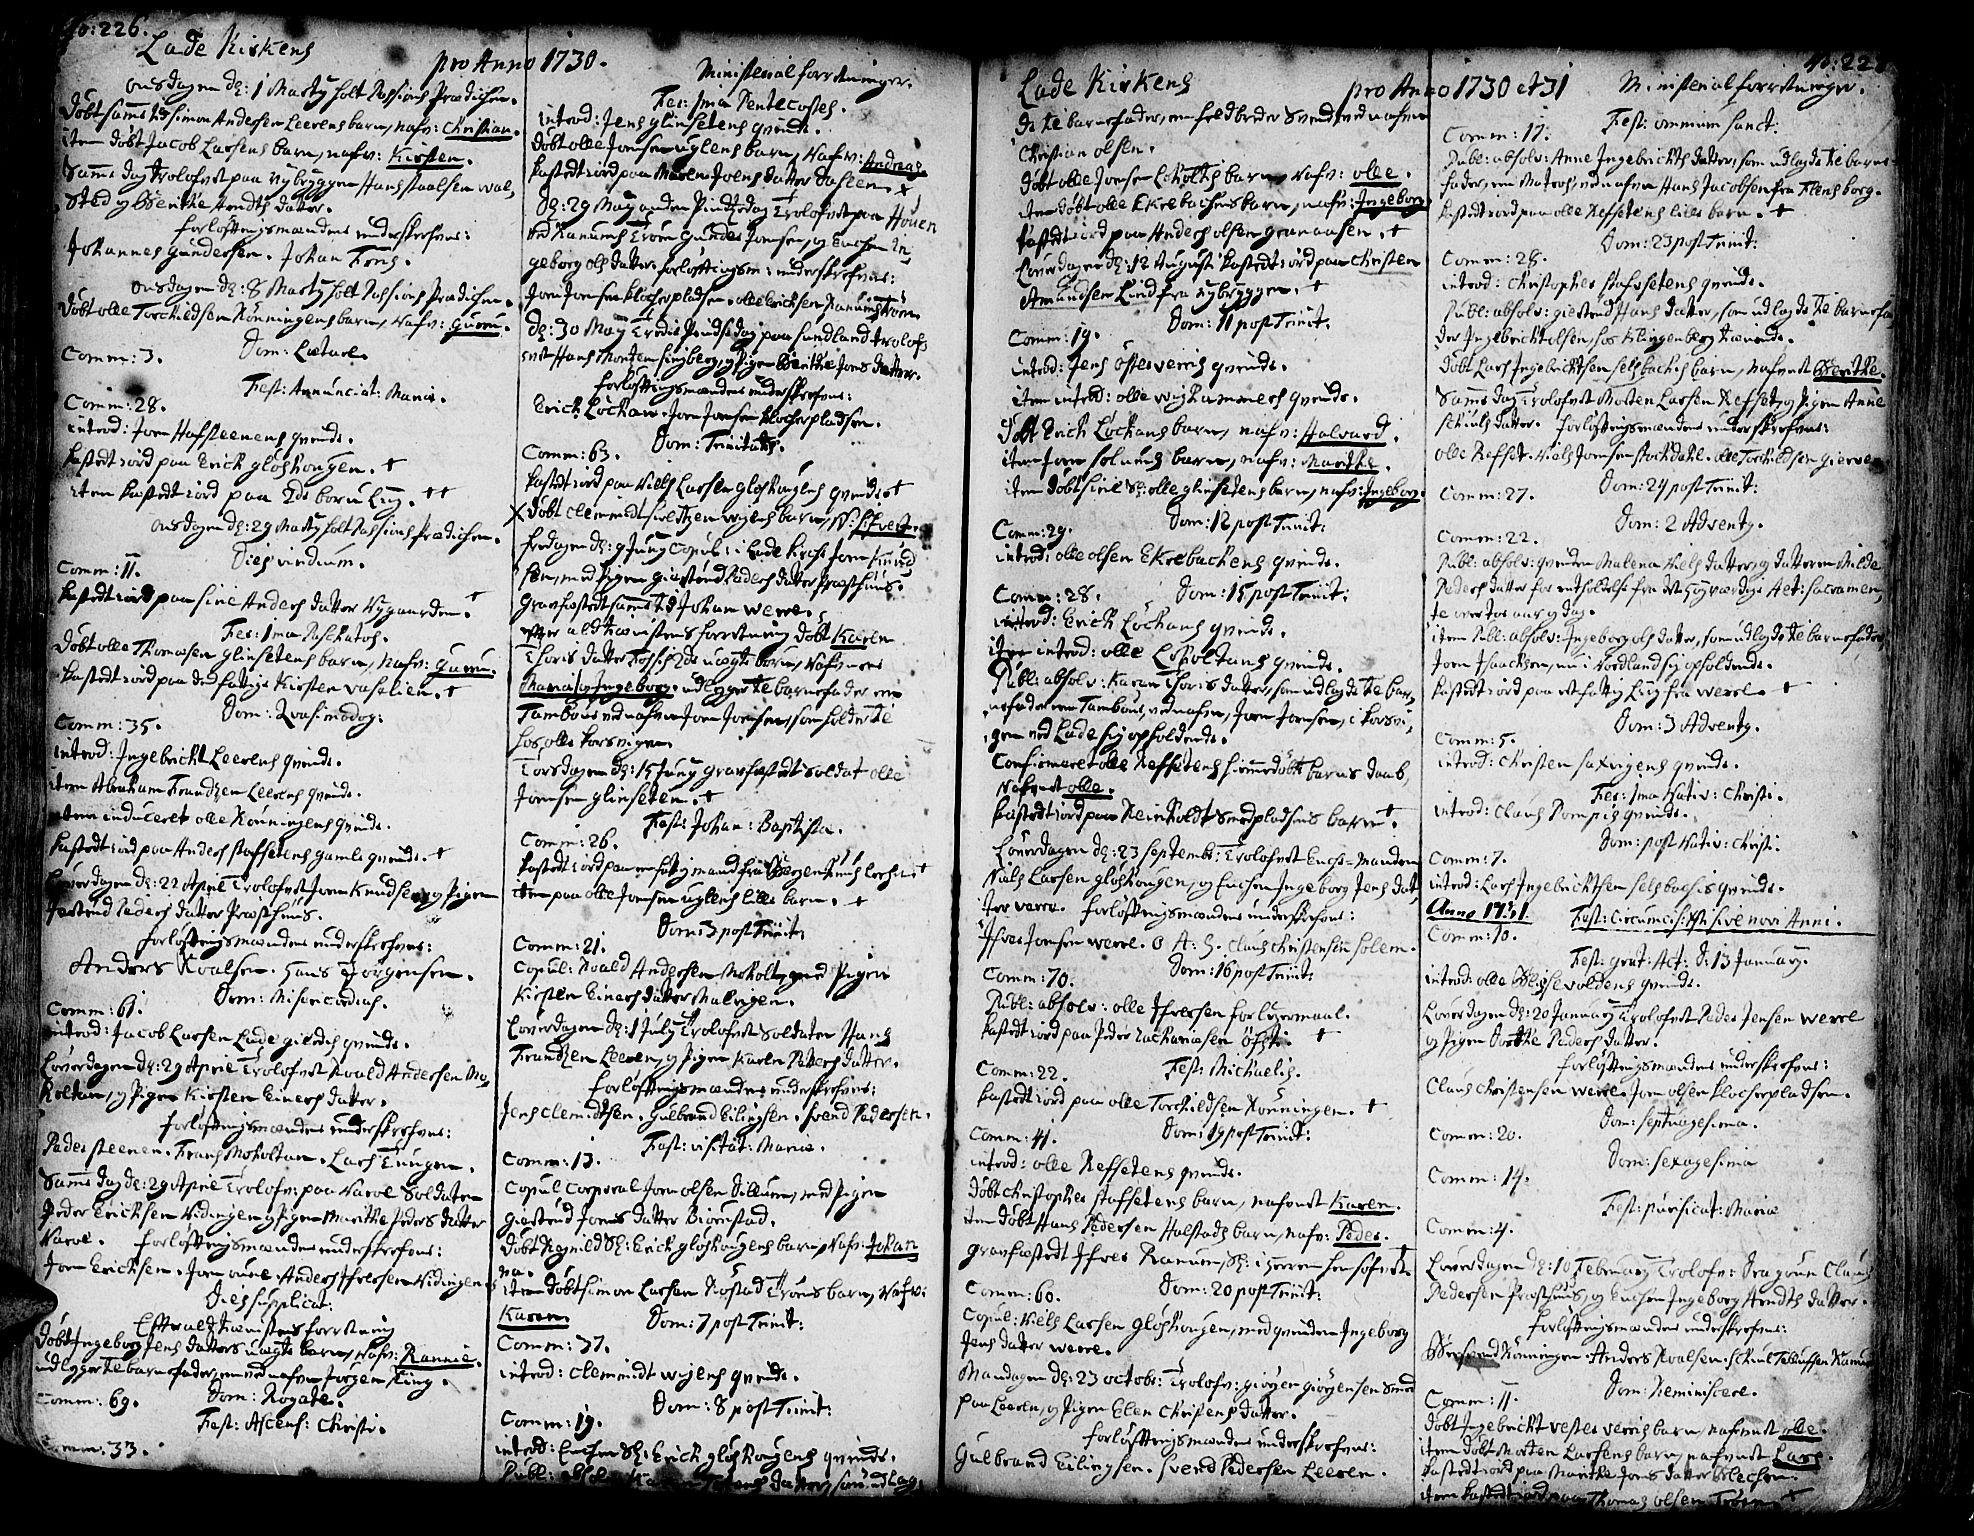 SAT, Ministerialprotokoller, klokkerbøker og fødselsregistre - Sør-Trøndelag, 606/L0275: Ministerialbok nr. 606A01 /1, 1727-1780, s. 226-227